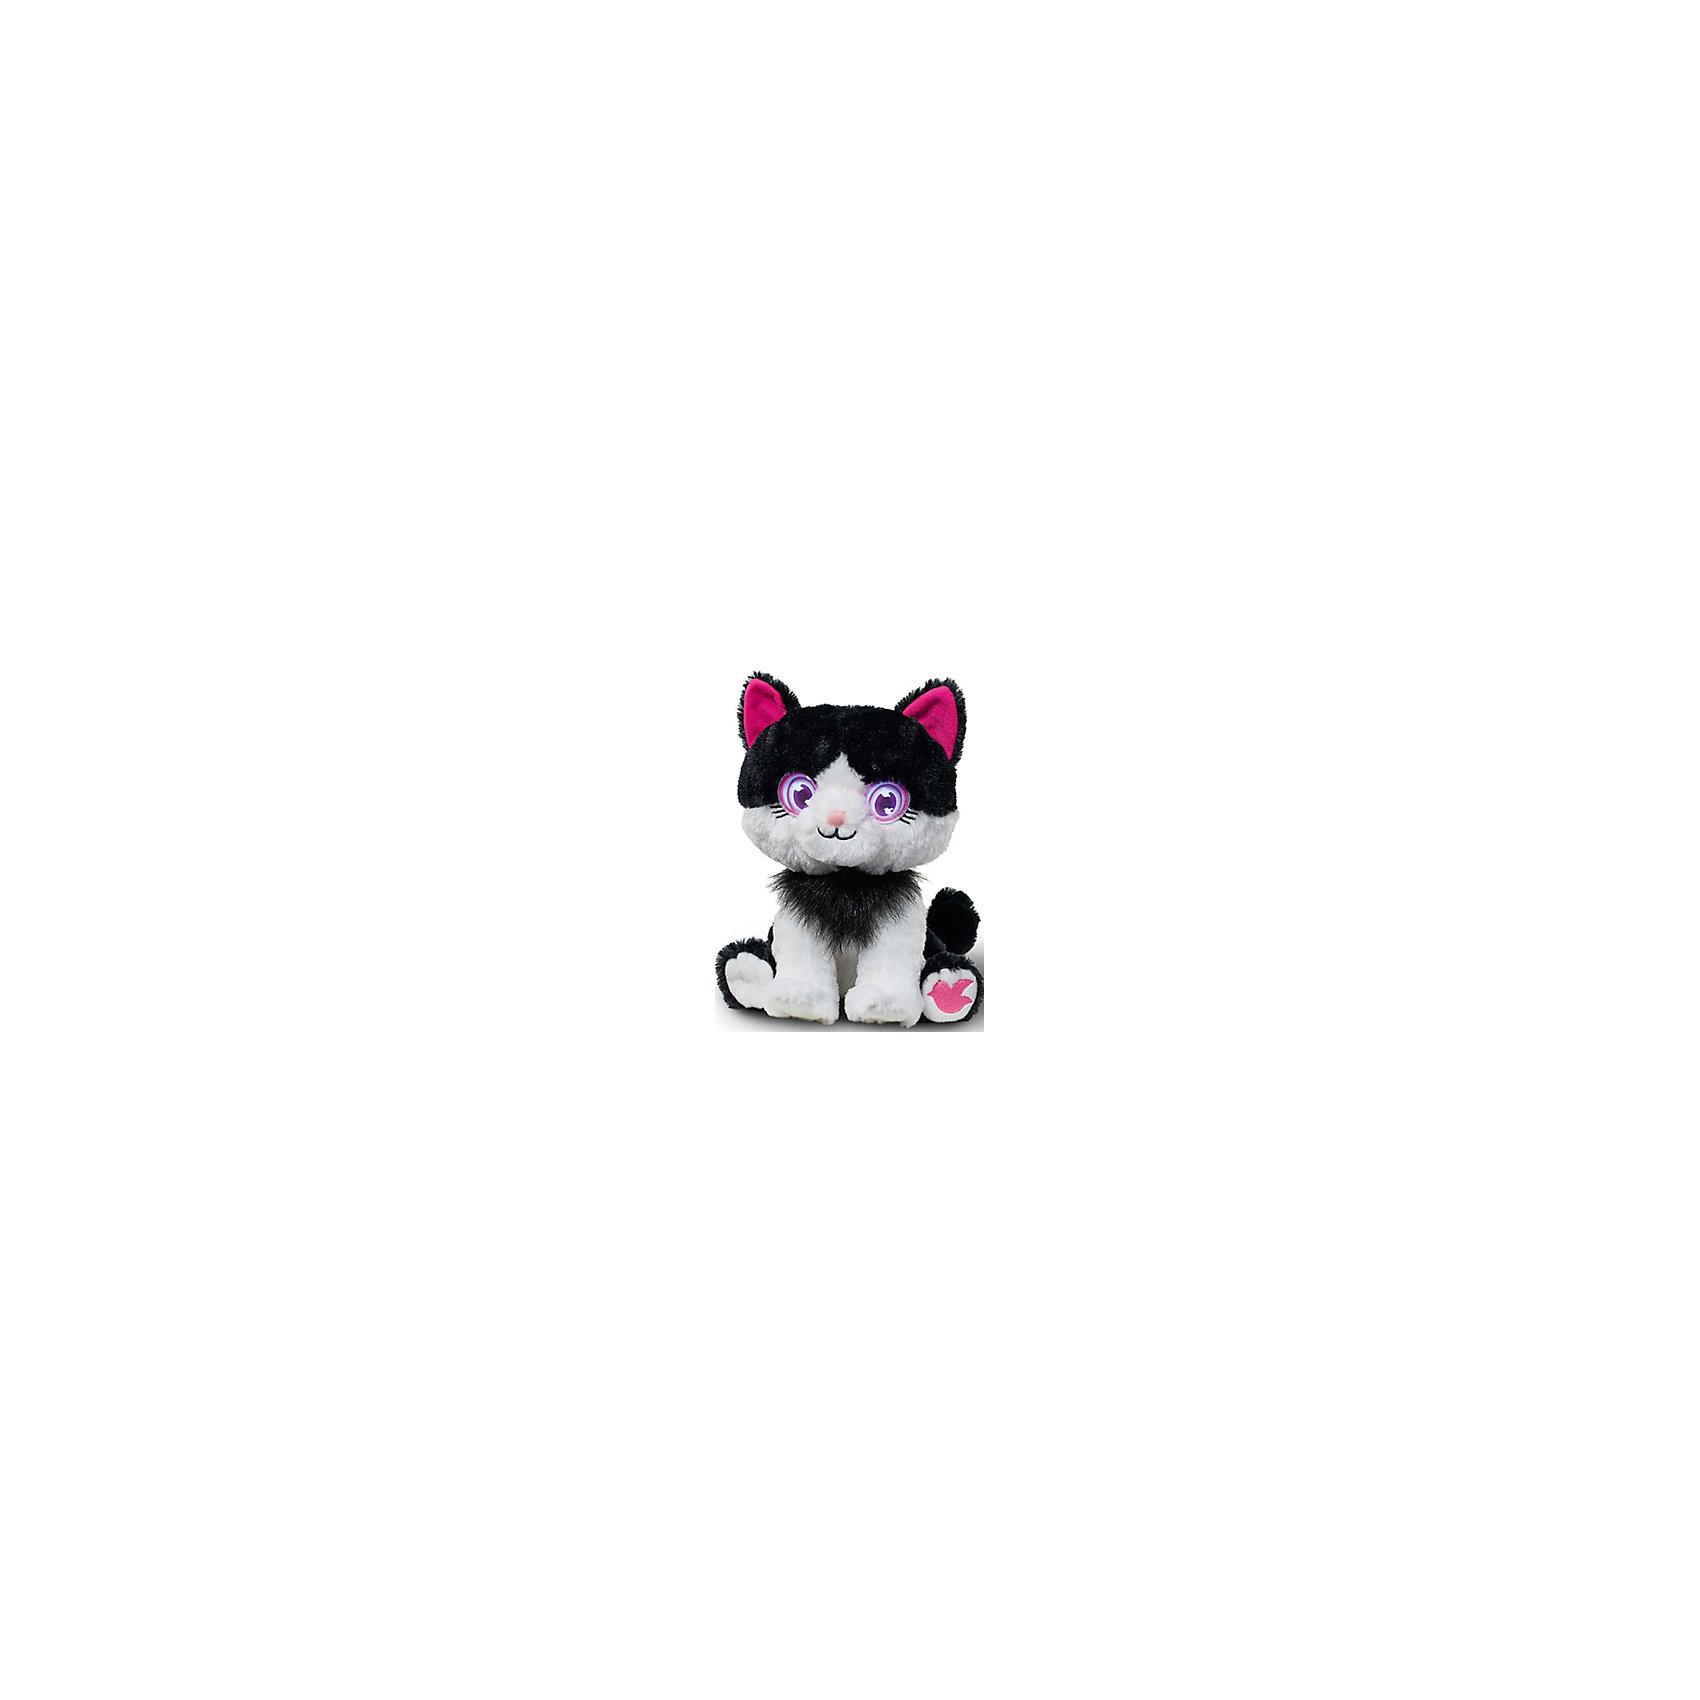 Интерактивная Кошка, Bright EyesИнтерактивная плюшевая игрушка Bright Eyes – это невероятно милая плюшевая кошка, которая реагирует на Ваши прикосновения, отзывается на поглаживания, «засыпает». Функция Try Me (3 батарейки ААА в комплекте).  Погладьте питомца по голове и он проснется – глаза засветятся, он издаст звук.<br>Периодически питомец моргает, напоминая о себе и предлагая поиграть.<br>Погладьте питомца по спине и он начнет засыпать.<br>У питомцев есть  функция отключения звука – используйте игрушку в качестве ночника.<br><br>Ширина мм: 195<br>Глубина мм: 280<br>Высота мм: 205<br>Вес г: 750<br>Возраст от месяцев: 36<br>Возраст до месяцев: 144<br>Пол: Унисекс<br>Возраст: Детский<br>SKU: 5001038